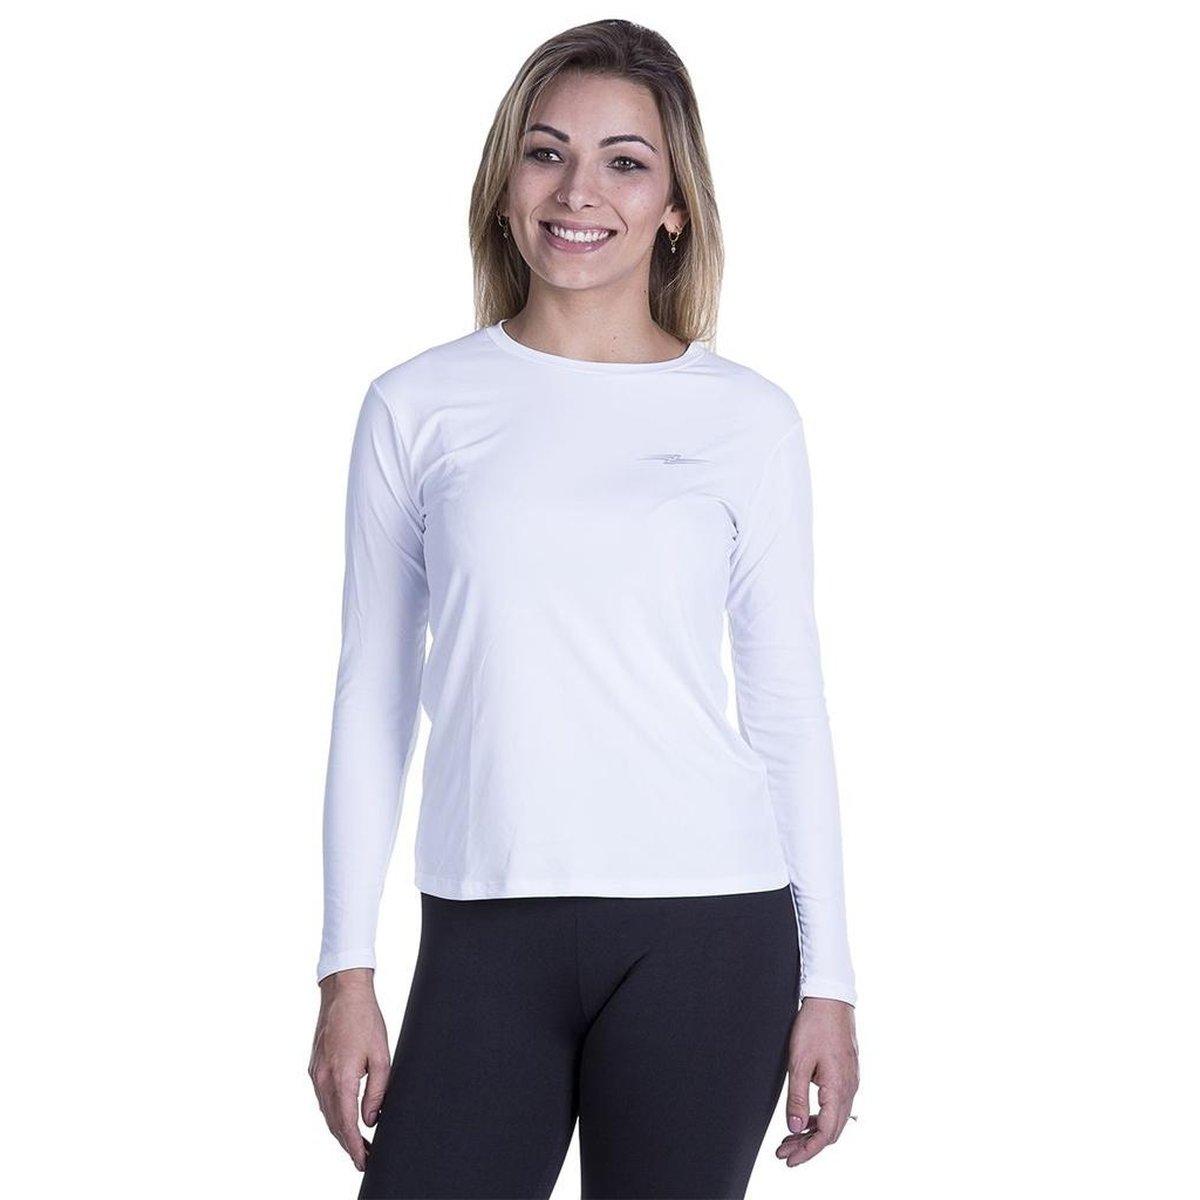 fd0b3eefc52ce Compre Camiseta Feminina Uv Online